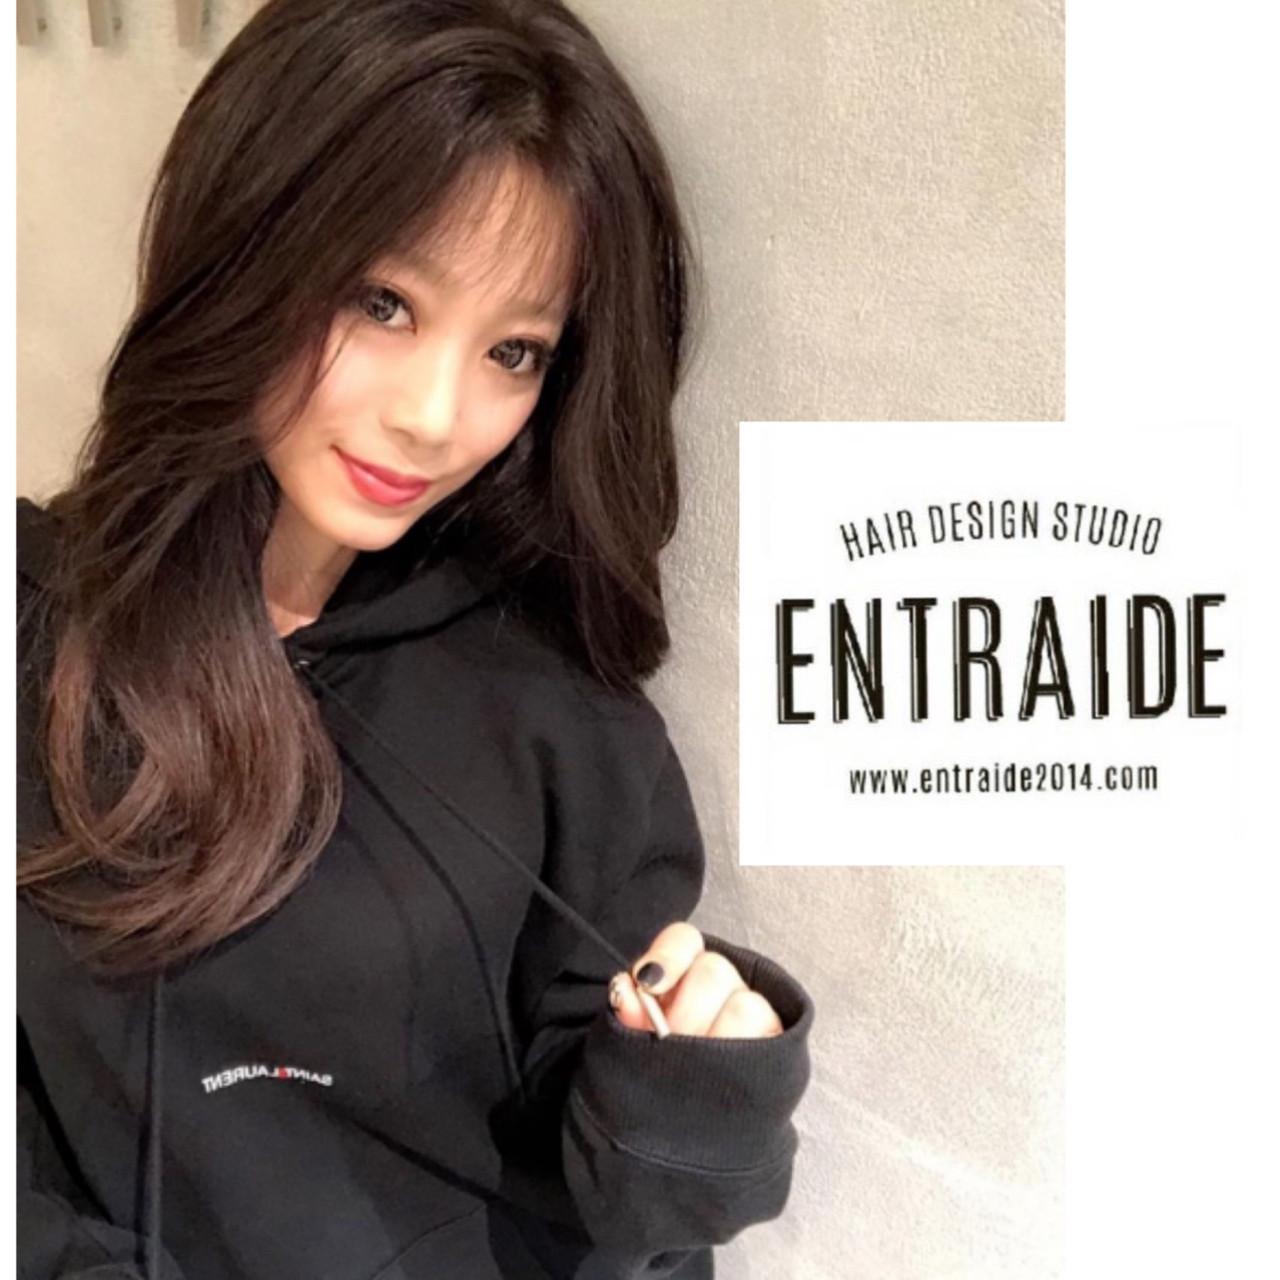 ゆるナチュラル ロング ツヤ髪 ナチュラルブラウンカラー ヘアスタイルや髪型の写真・画像